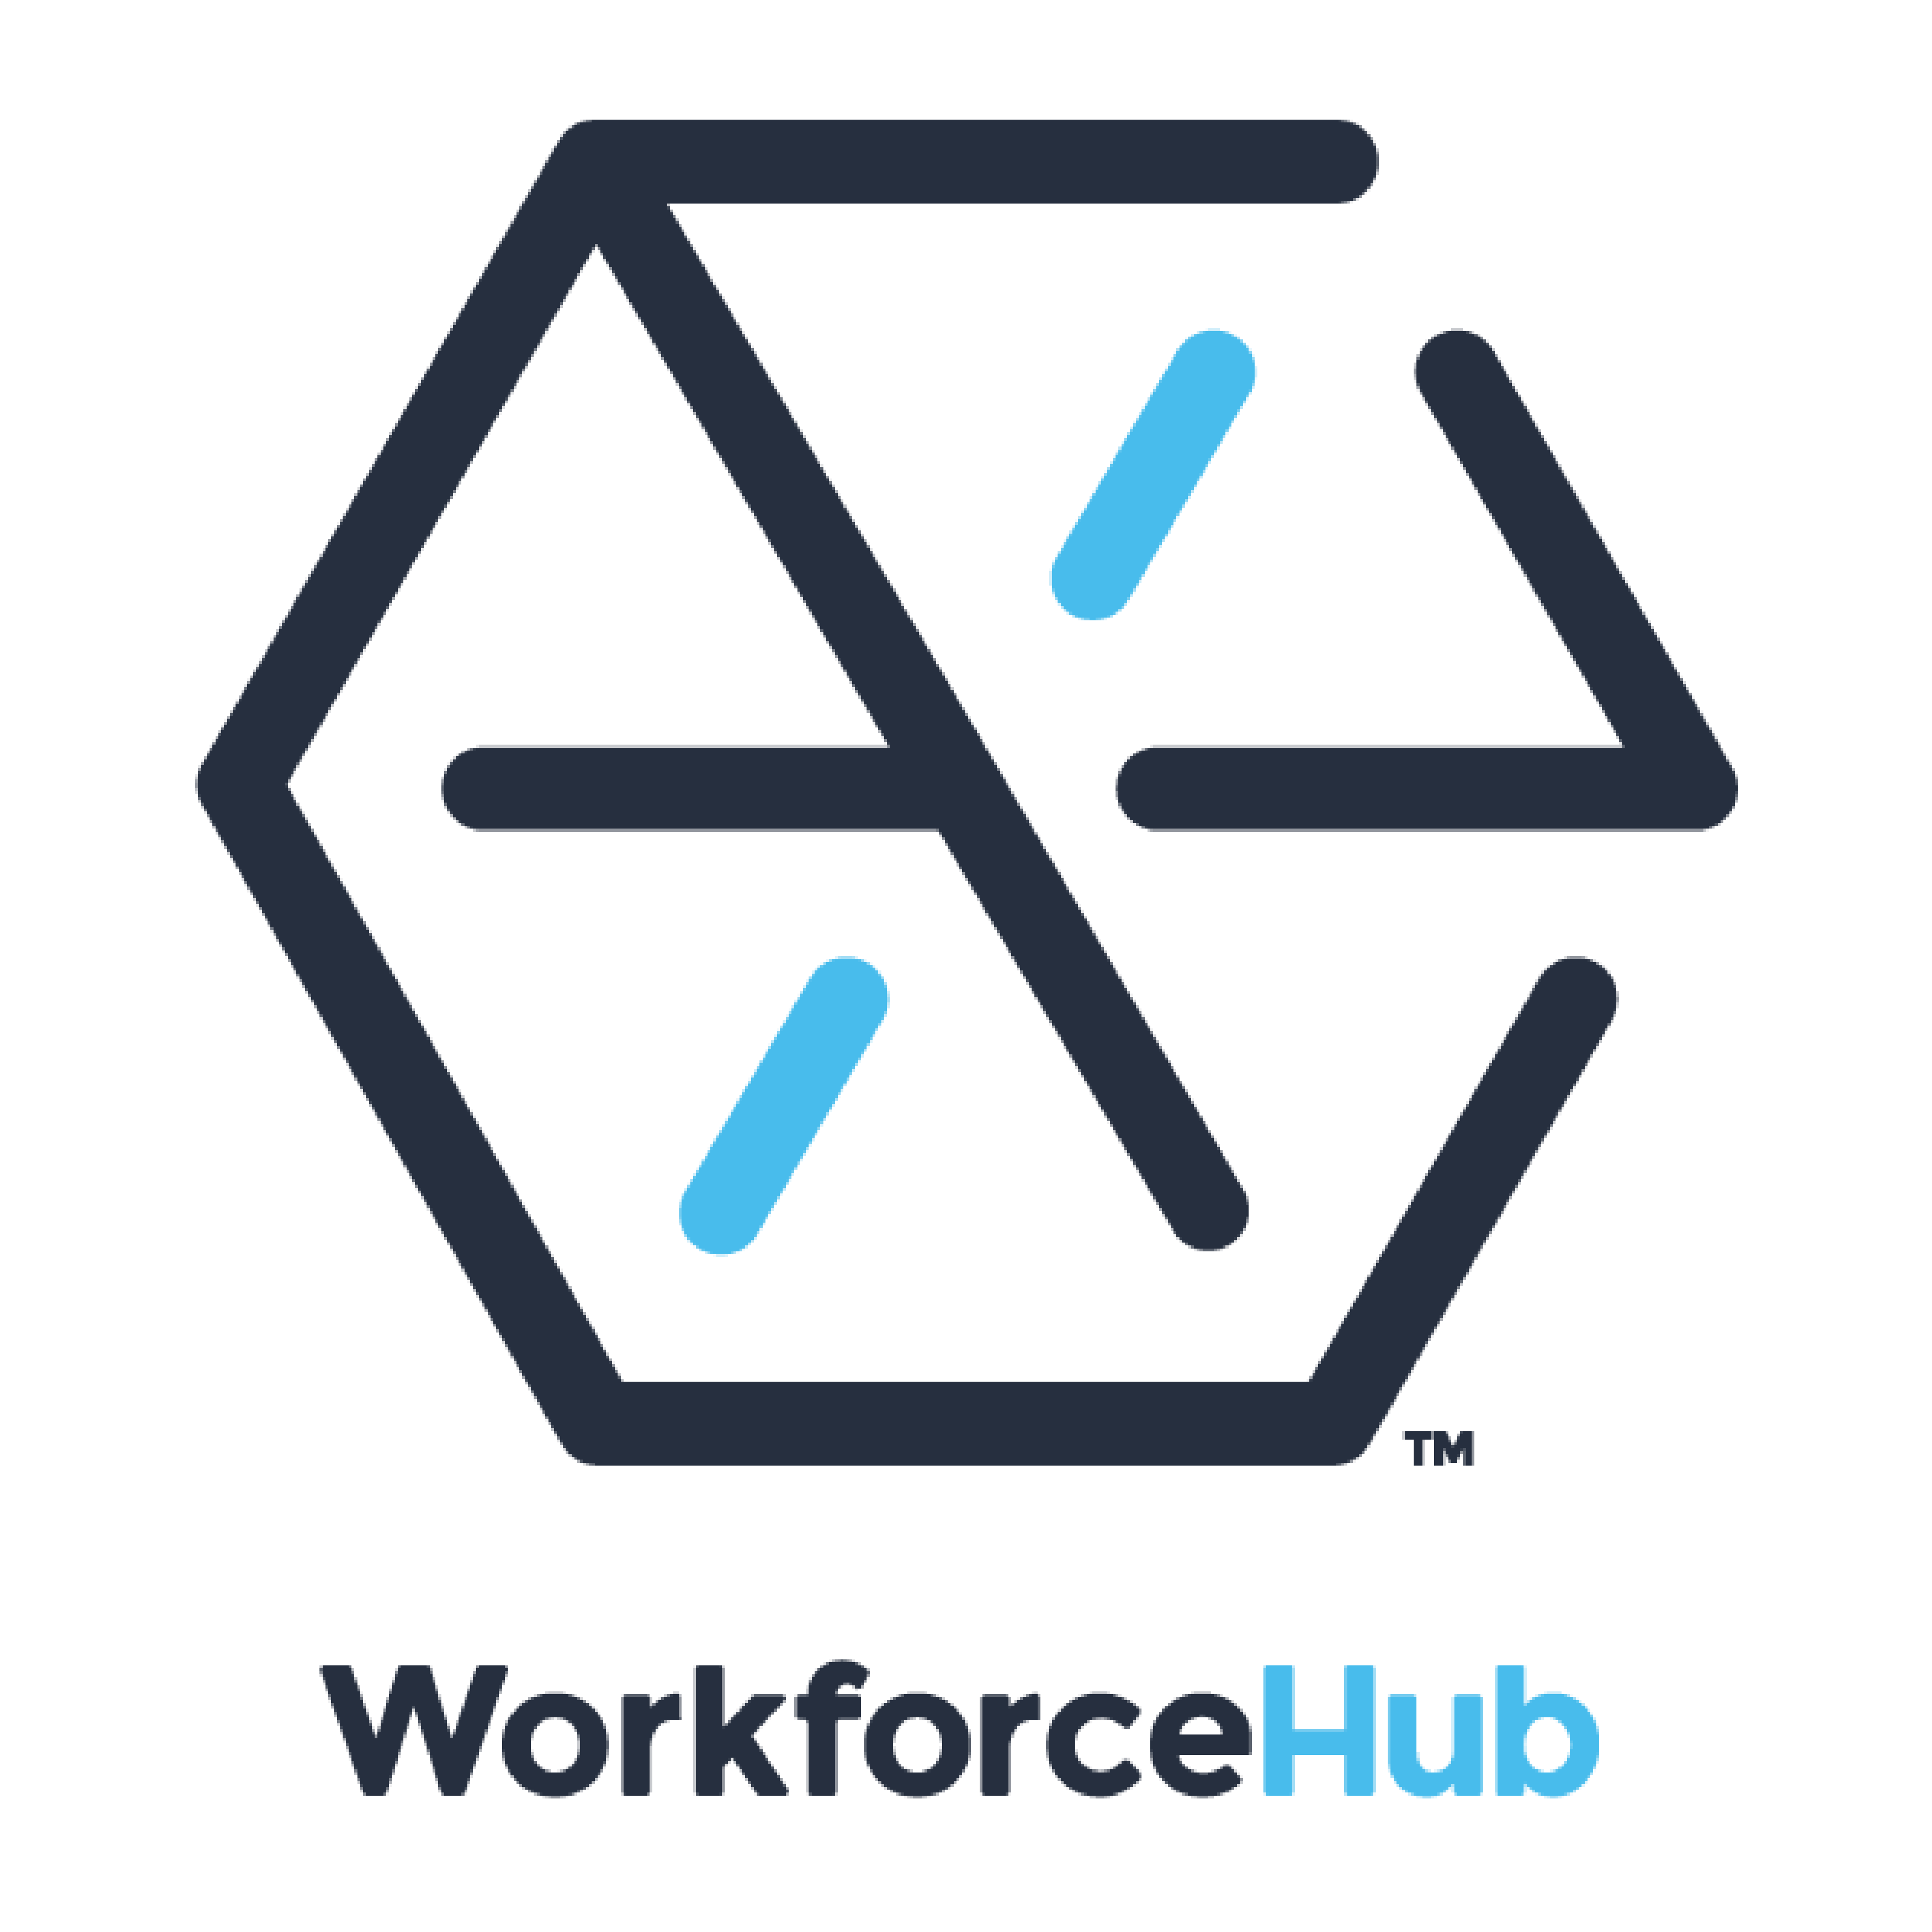 WorkforceHub logo